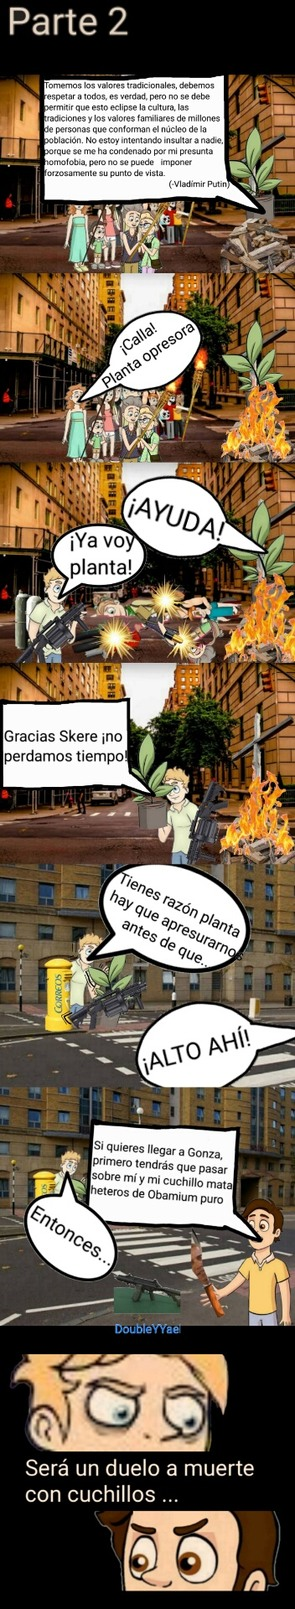 Si llego a Top diario habrá parte 3 - meme